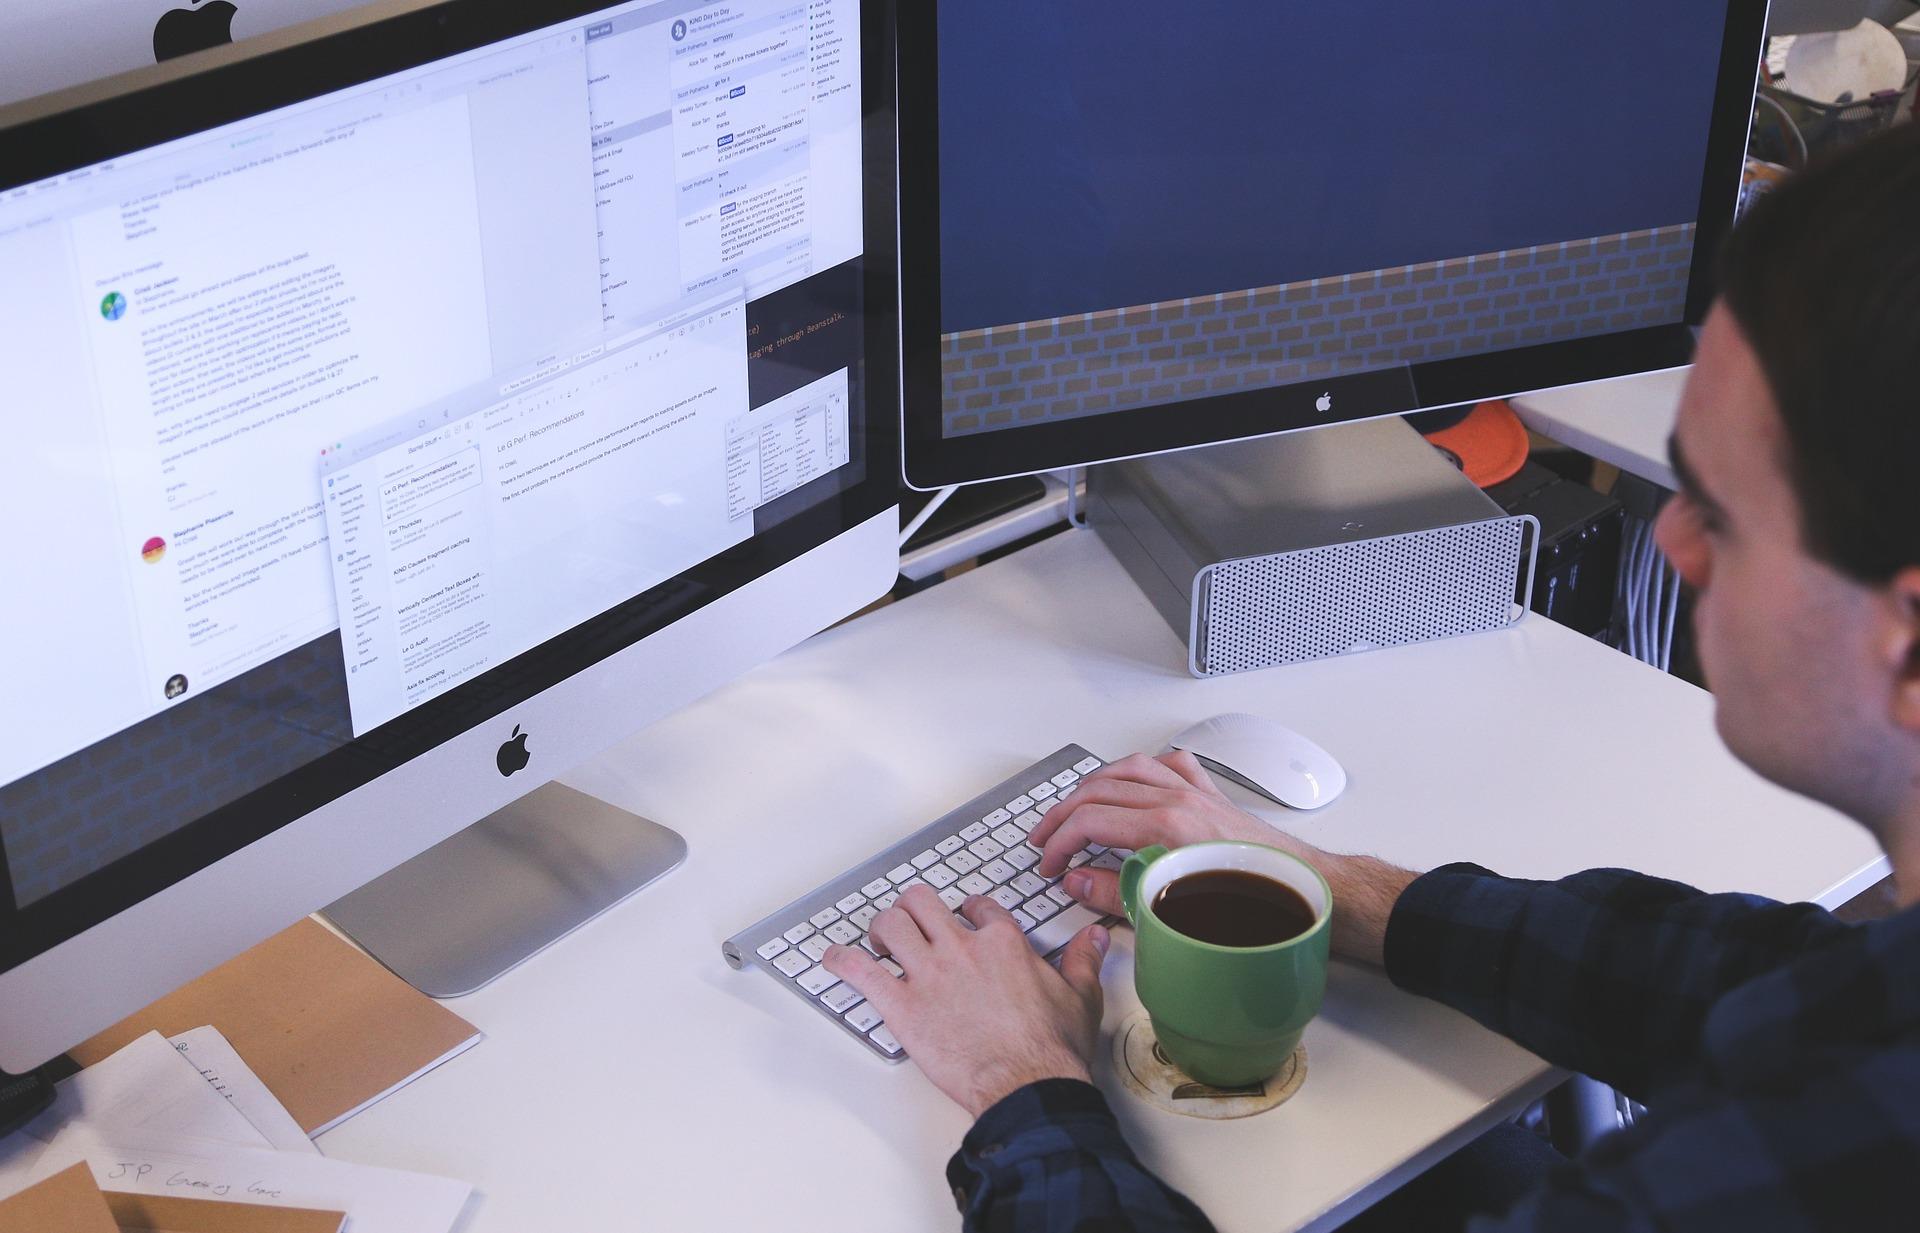 ネットワークエンジニアとプログラマーの違い。求人内容を徹底比較イメージ画像